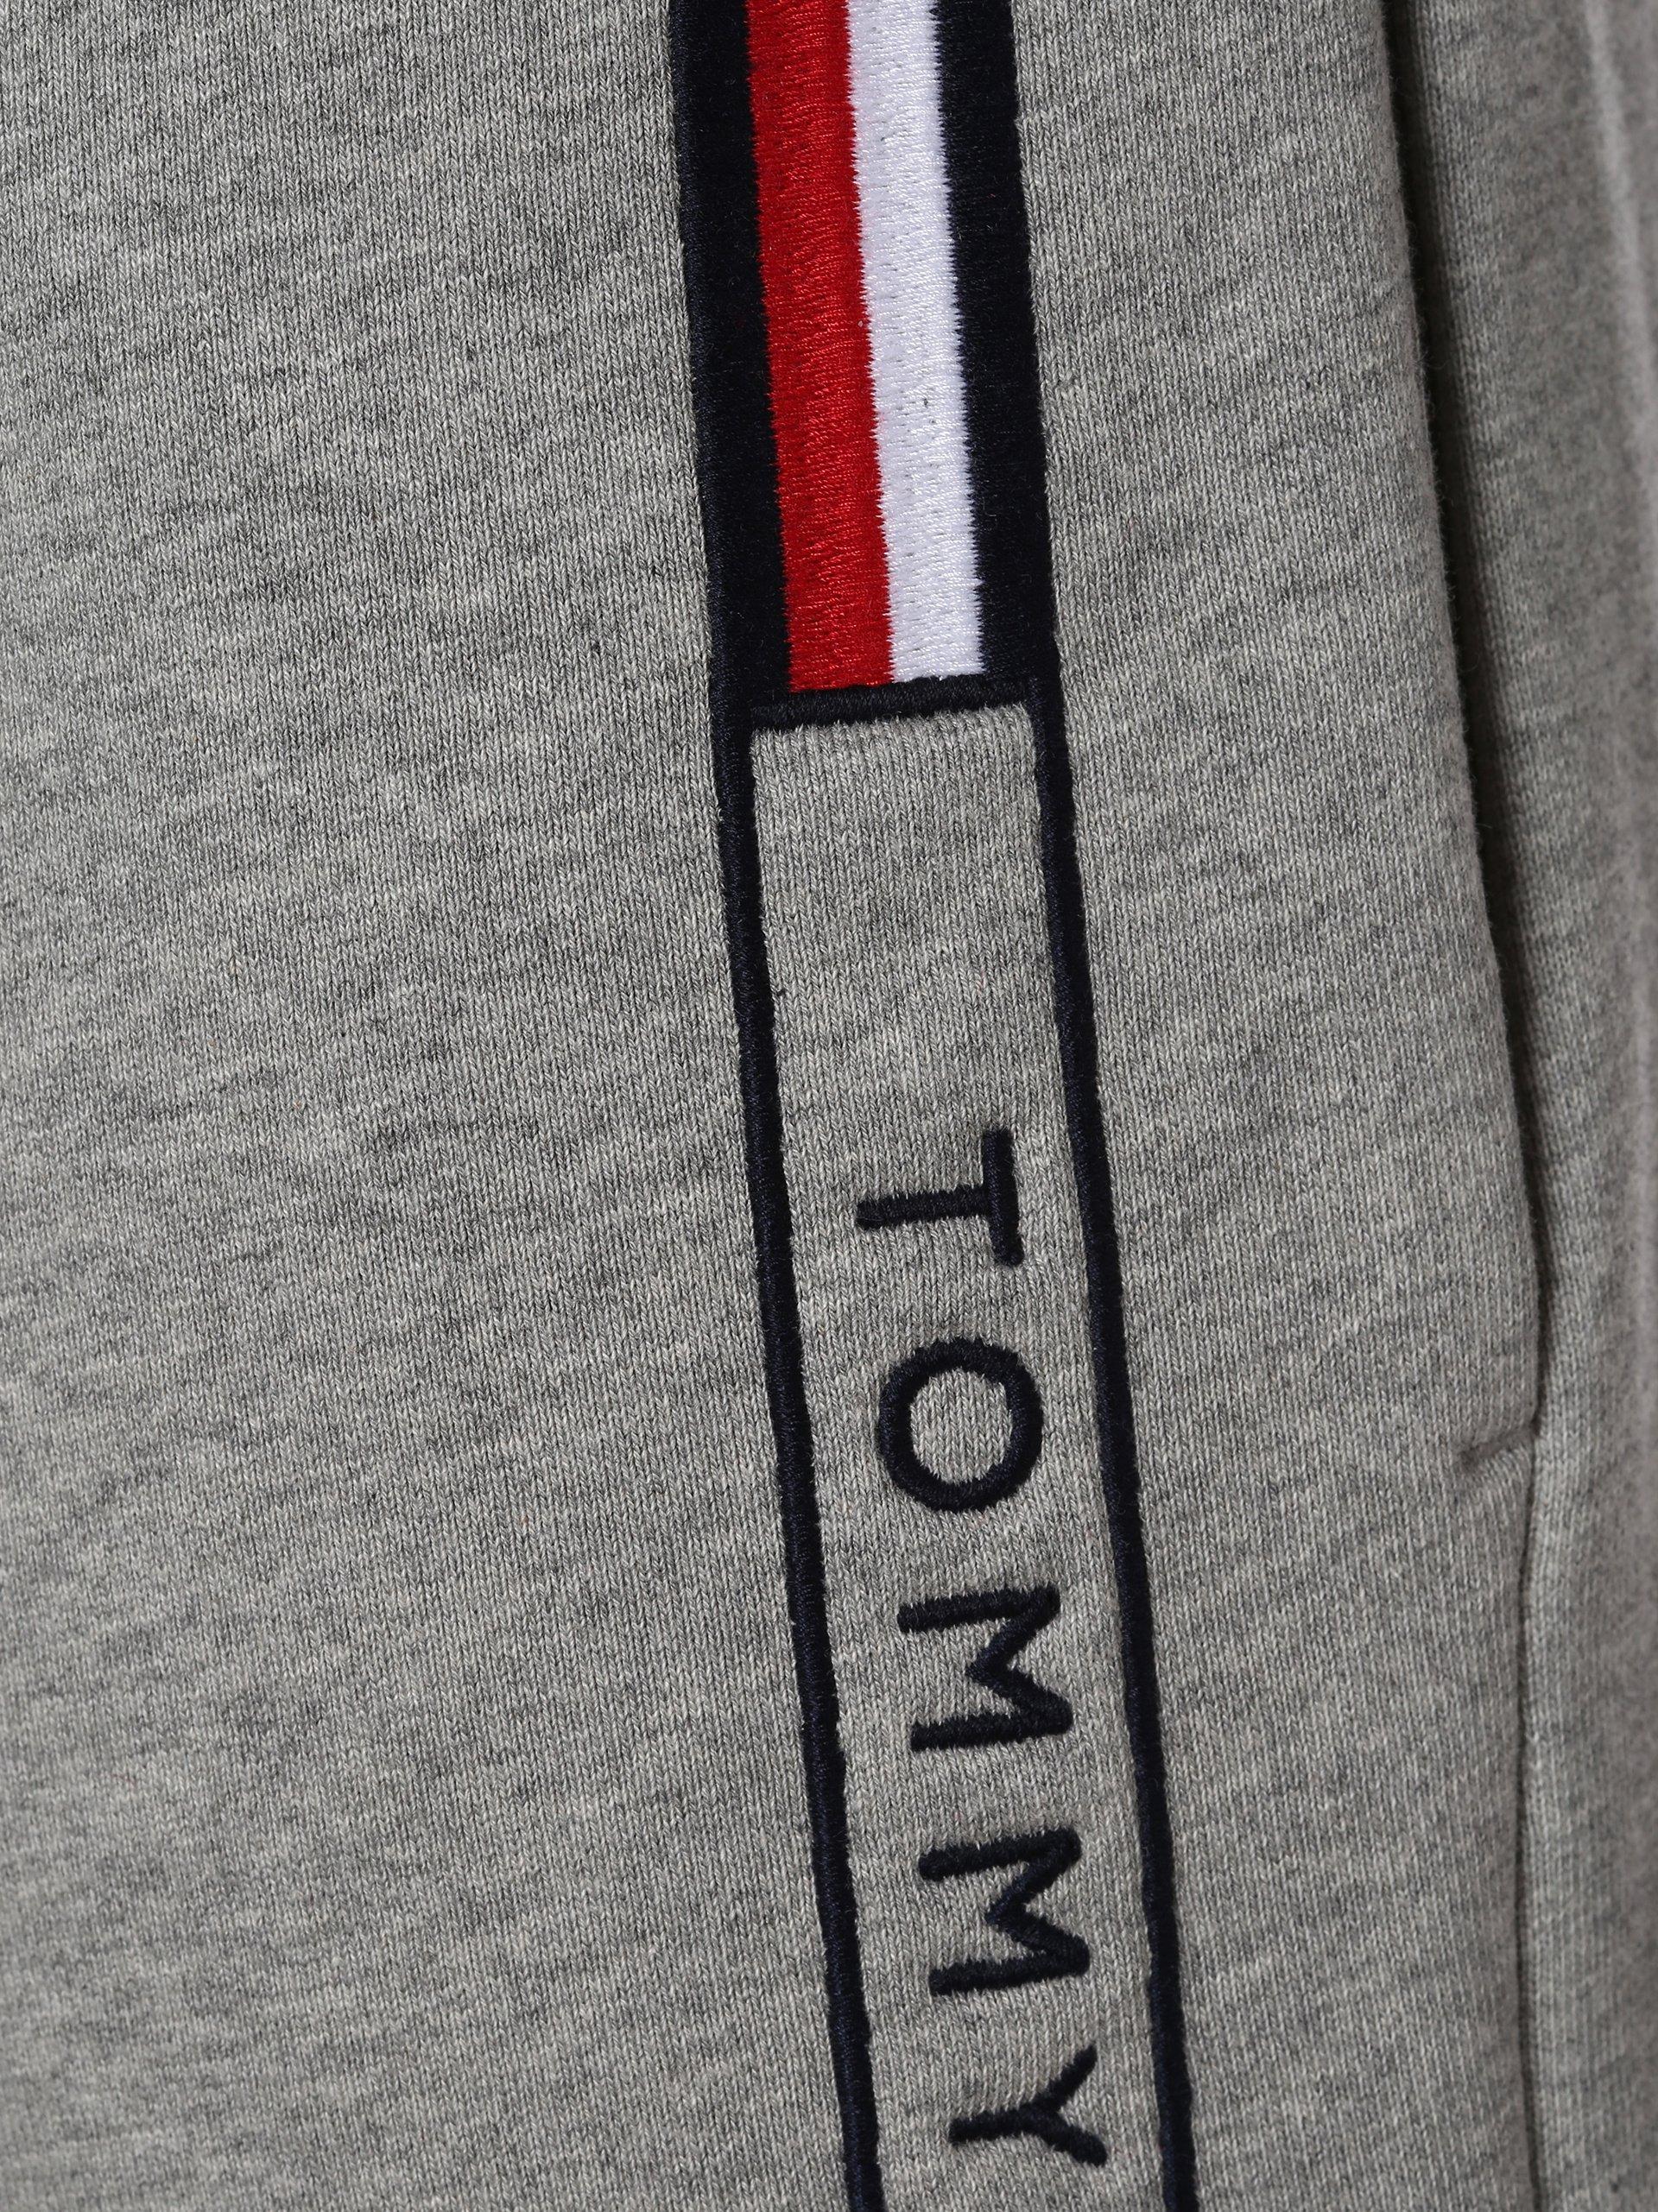 Tommy Hilfiger Herren Shorts - Europe